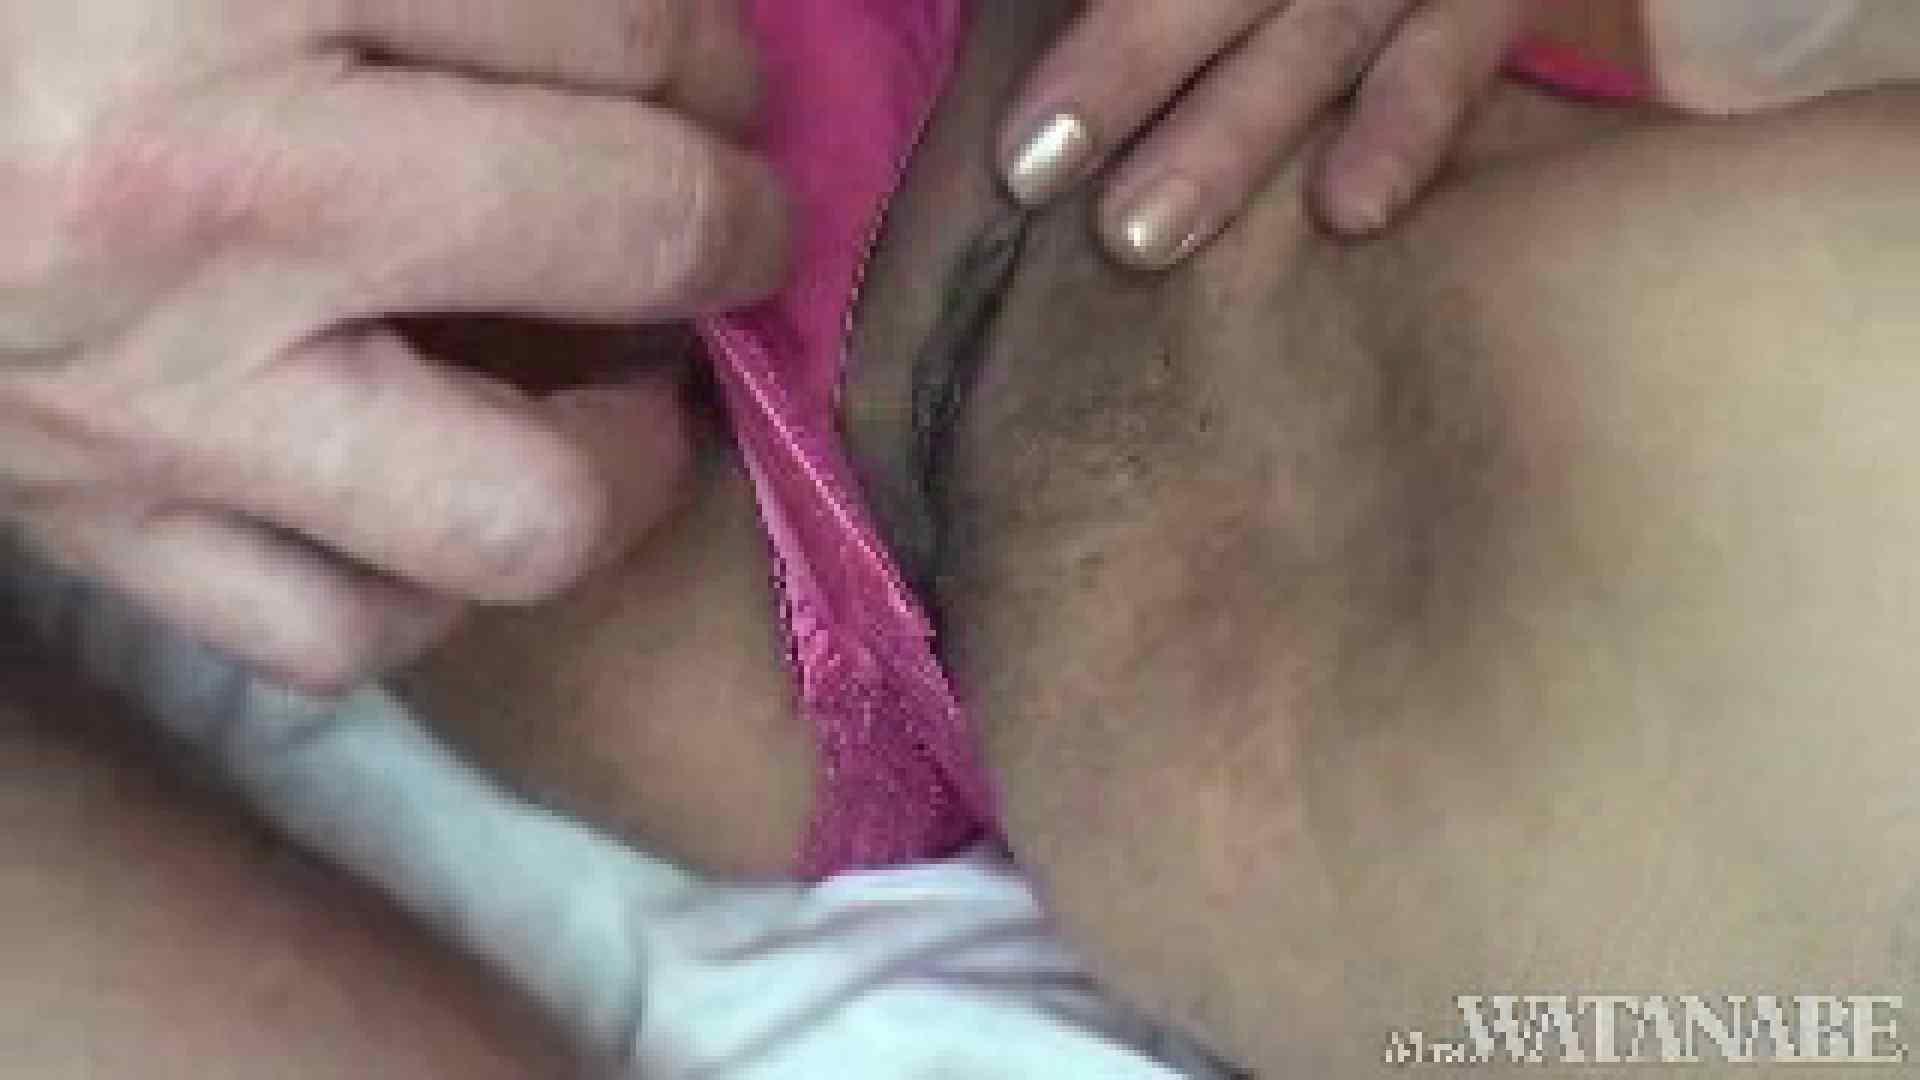 撮影スタッフを誘惑する痴熟女 かおり40歳 Vol.02 SEX映像 おまんこ動画流出 102pic 73